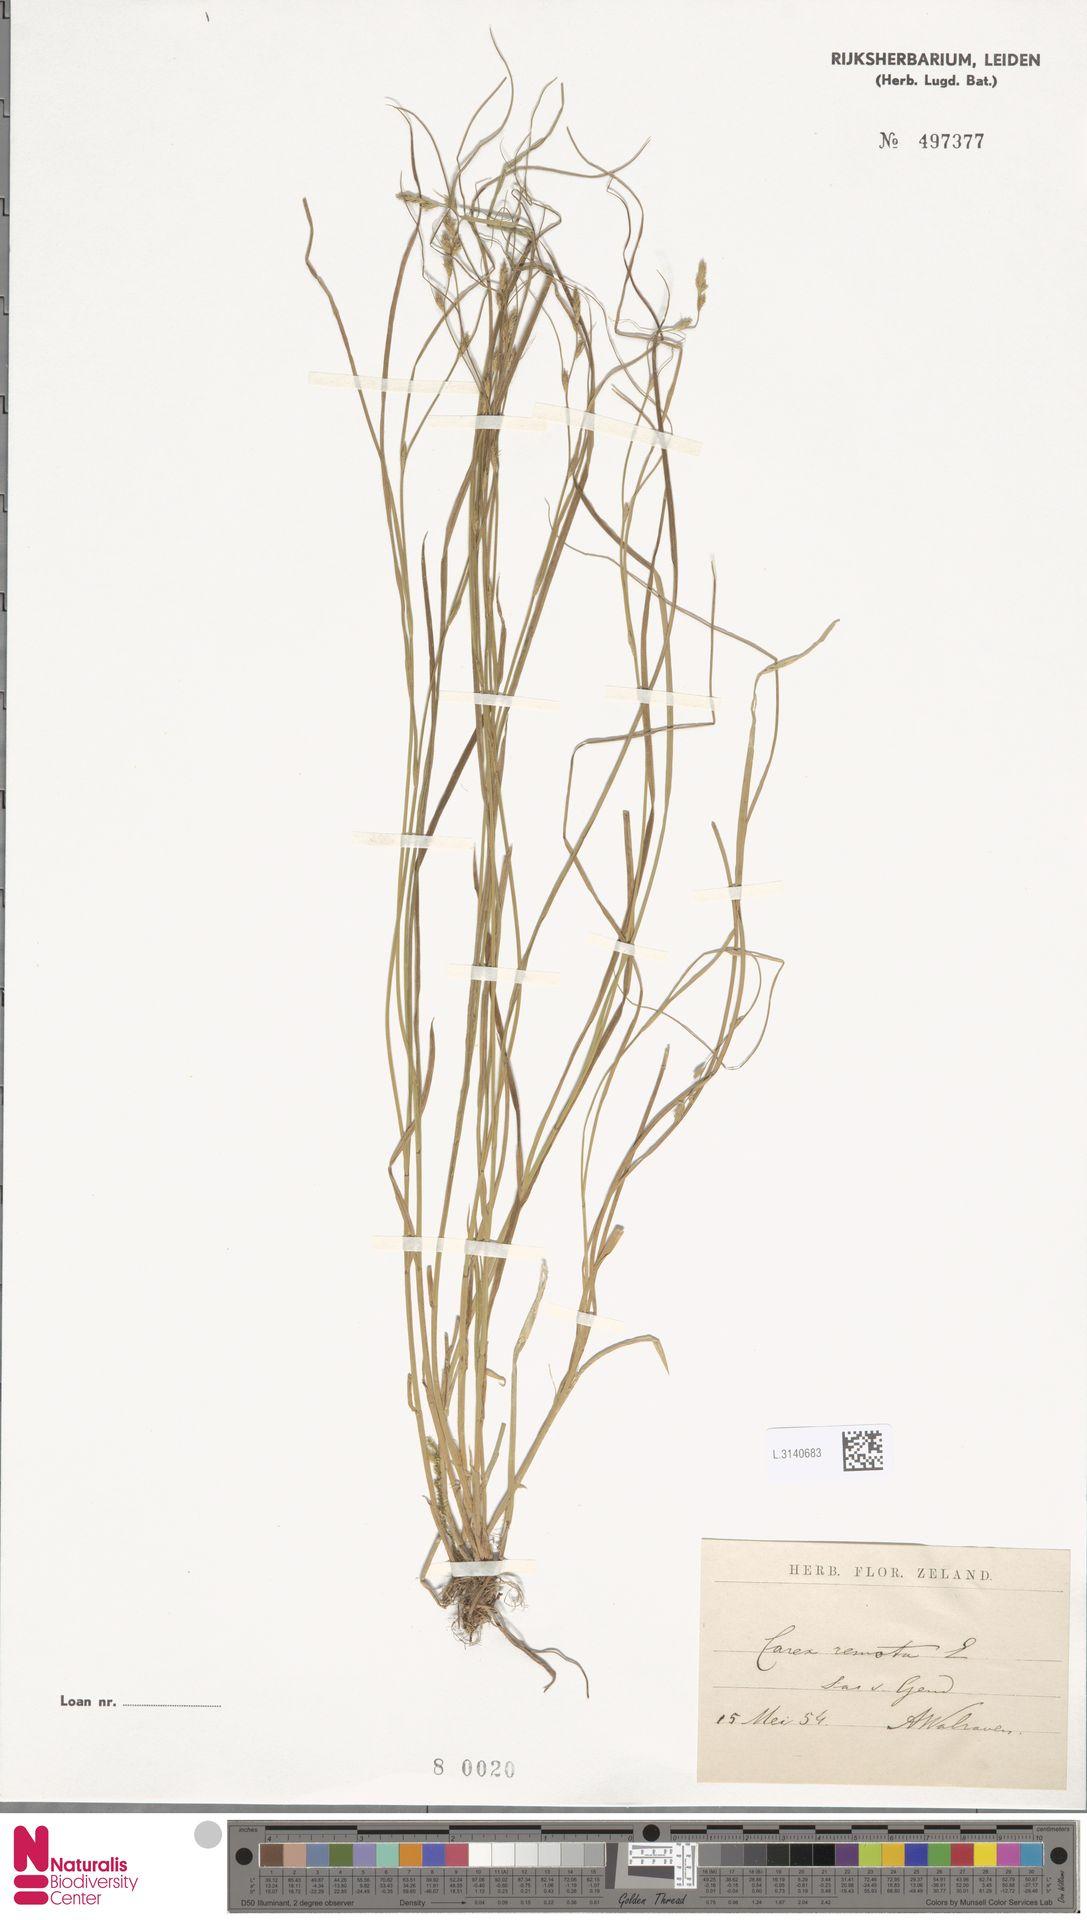 L.3140683 | Carex remota L.